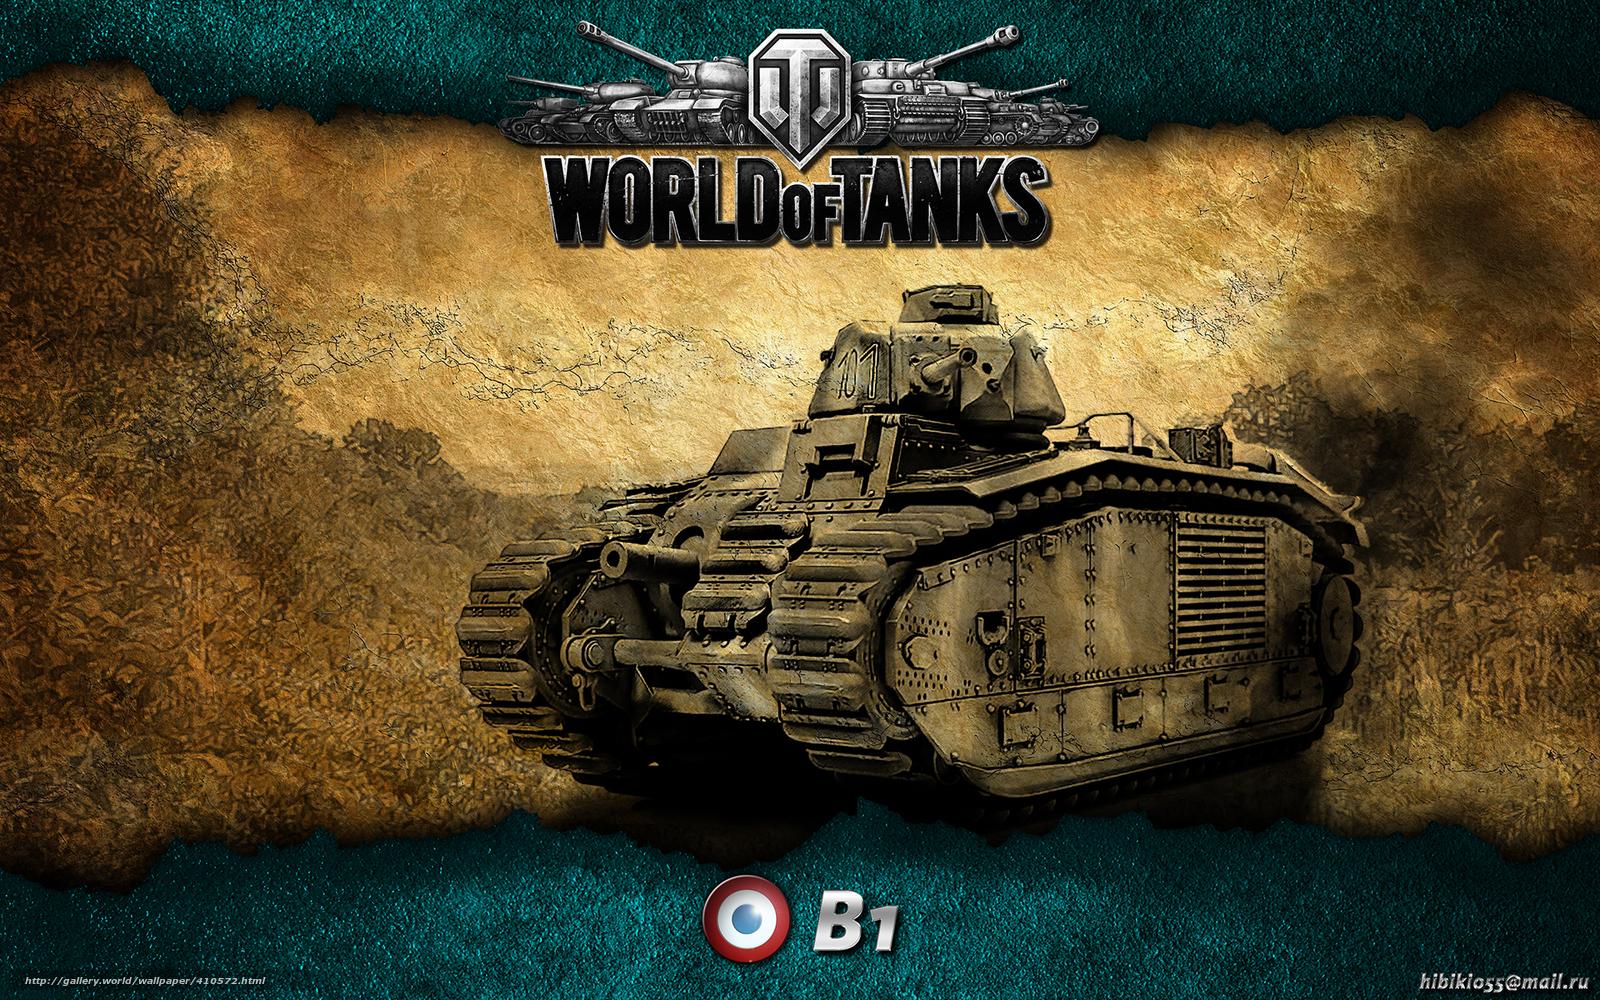 Скачать обои для рабочего стола танки world of tanks 1